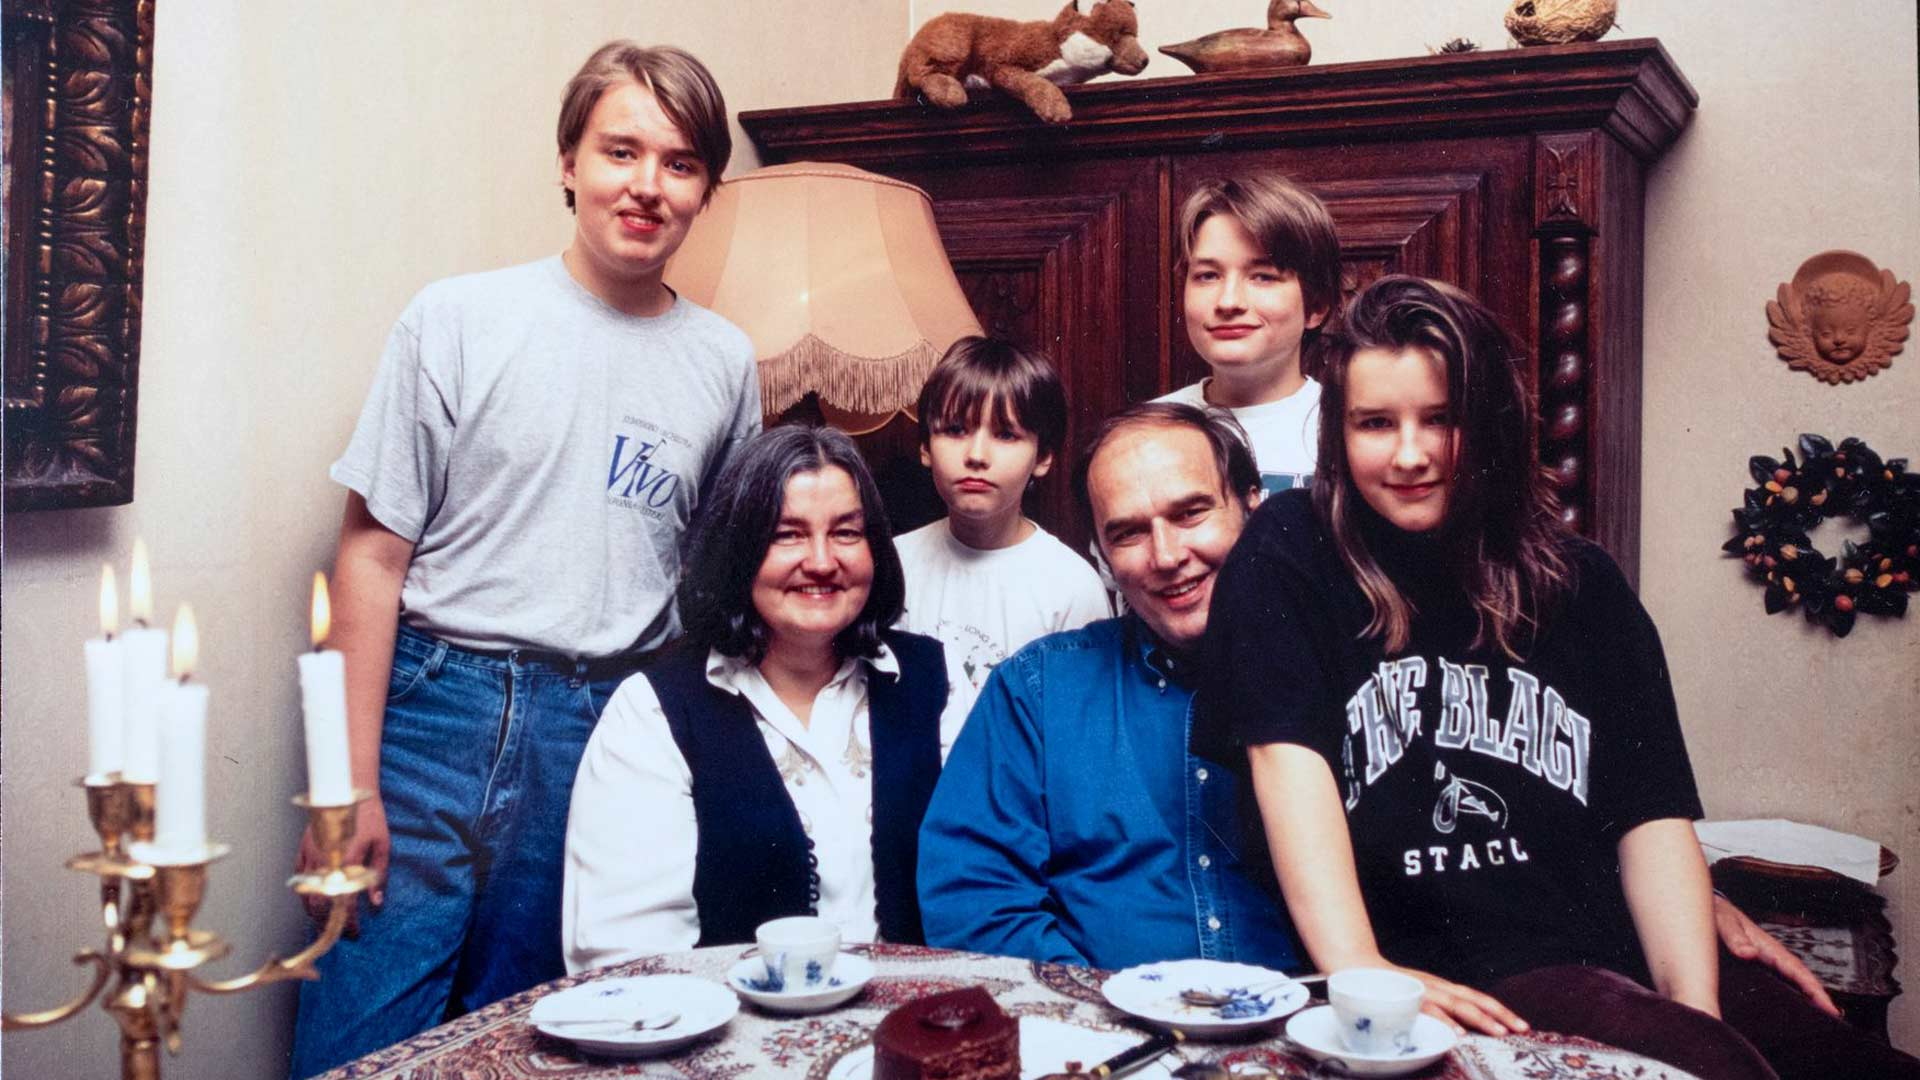 Tikkojen koti Töölössä on ollut aina täynnä elämää ja kulttuuria. Vanha perhekuva ajalta, kun lapset olivat vielä pieniä. Vasemmalta Johannes, Eeva, Petri, Kari, Pauli ja Maisa.